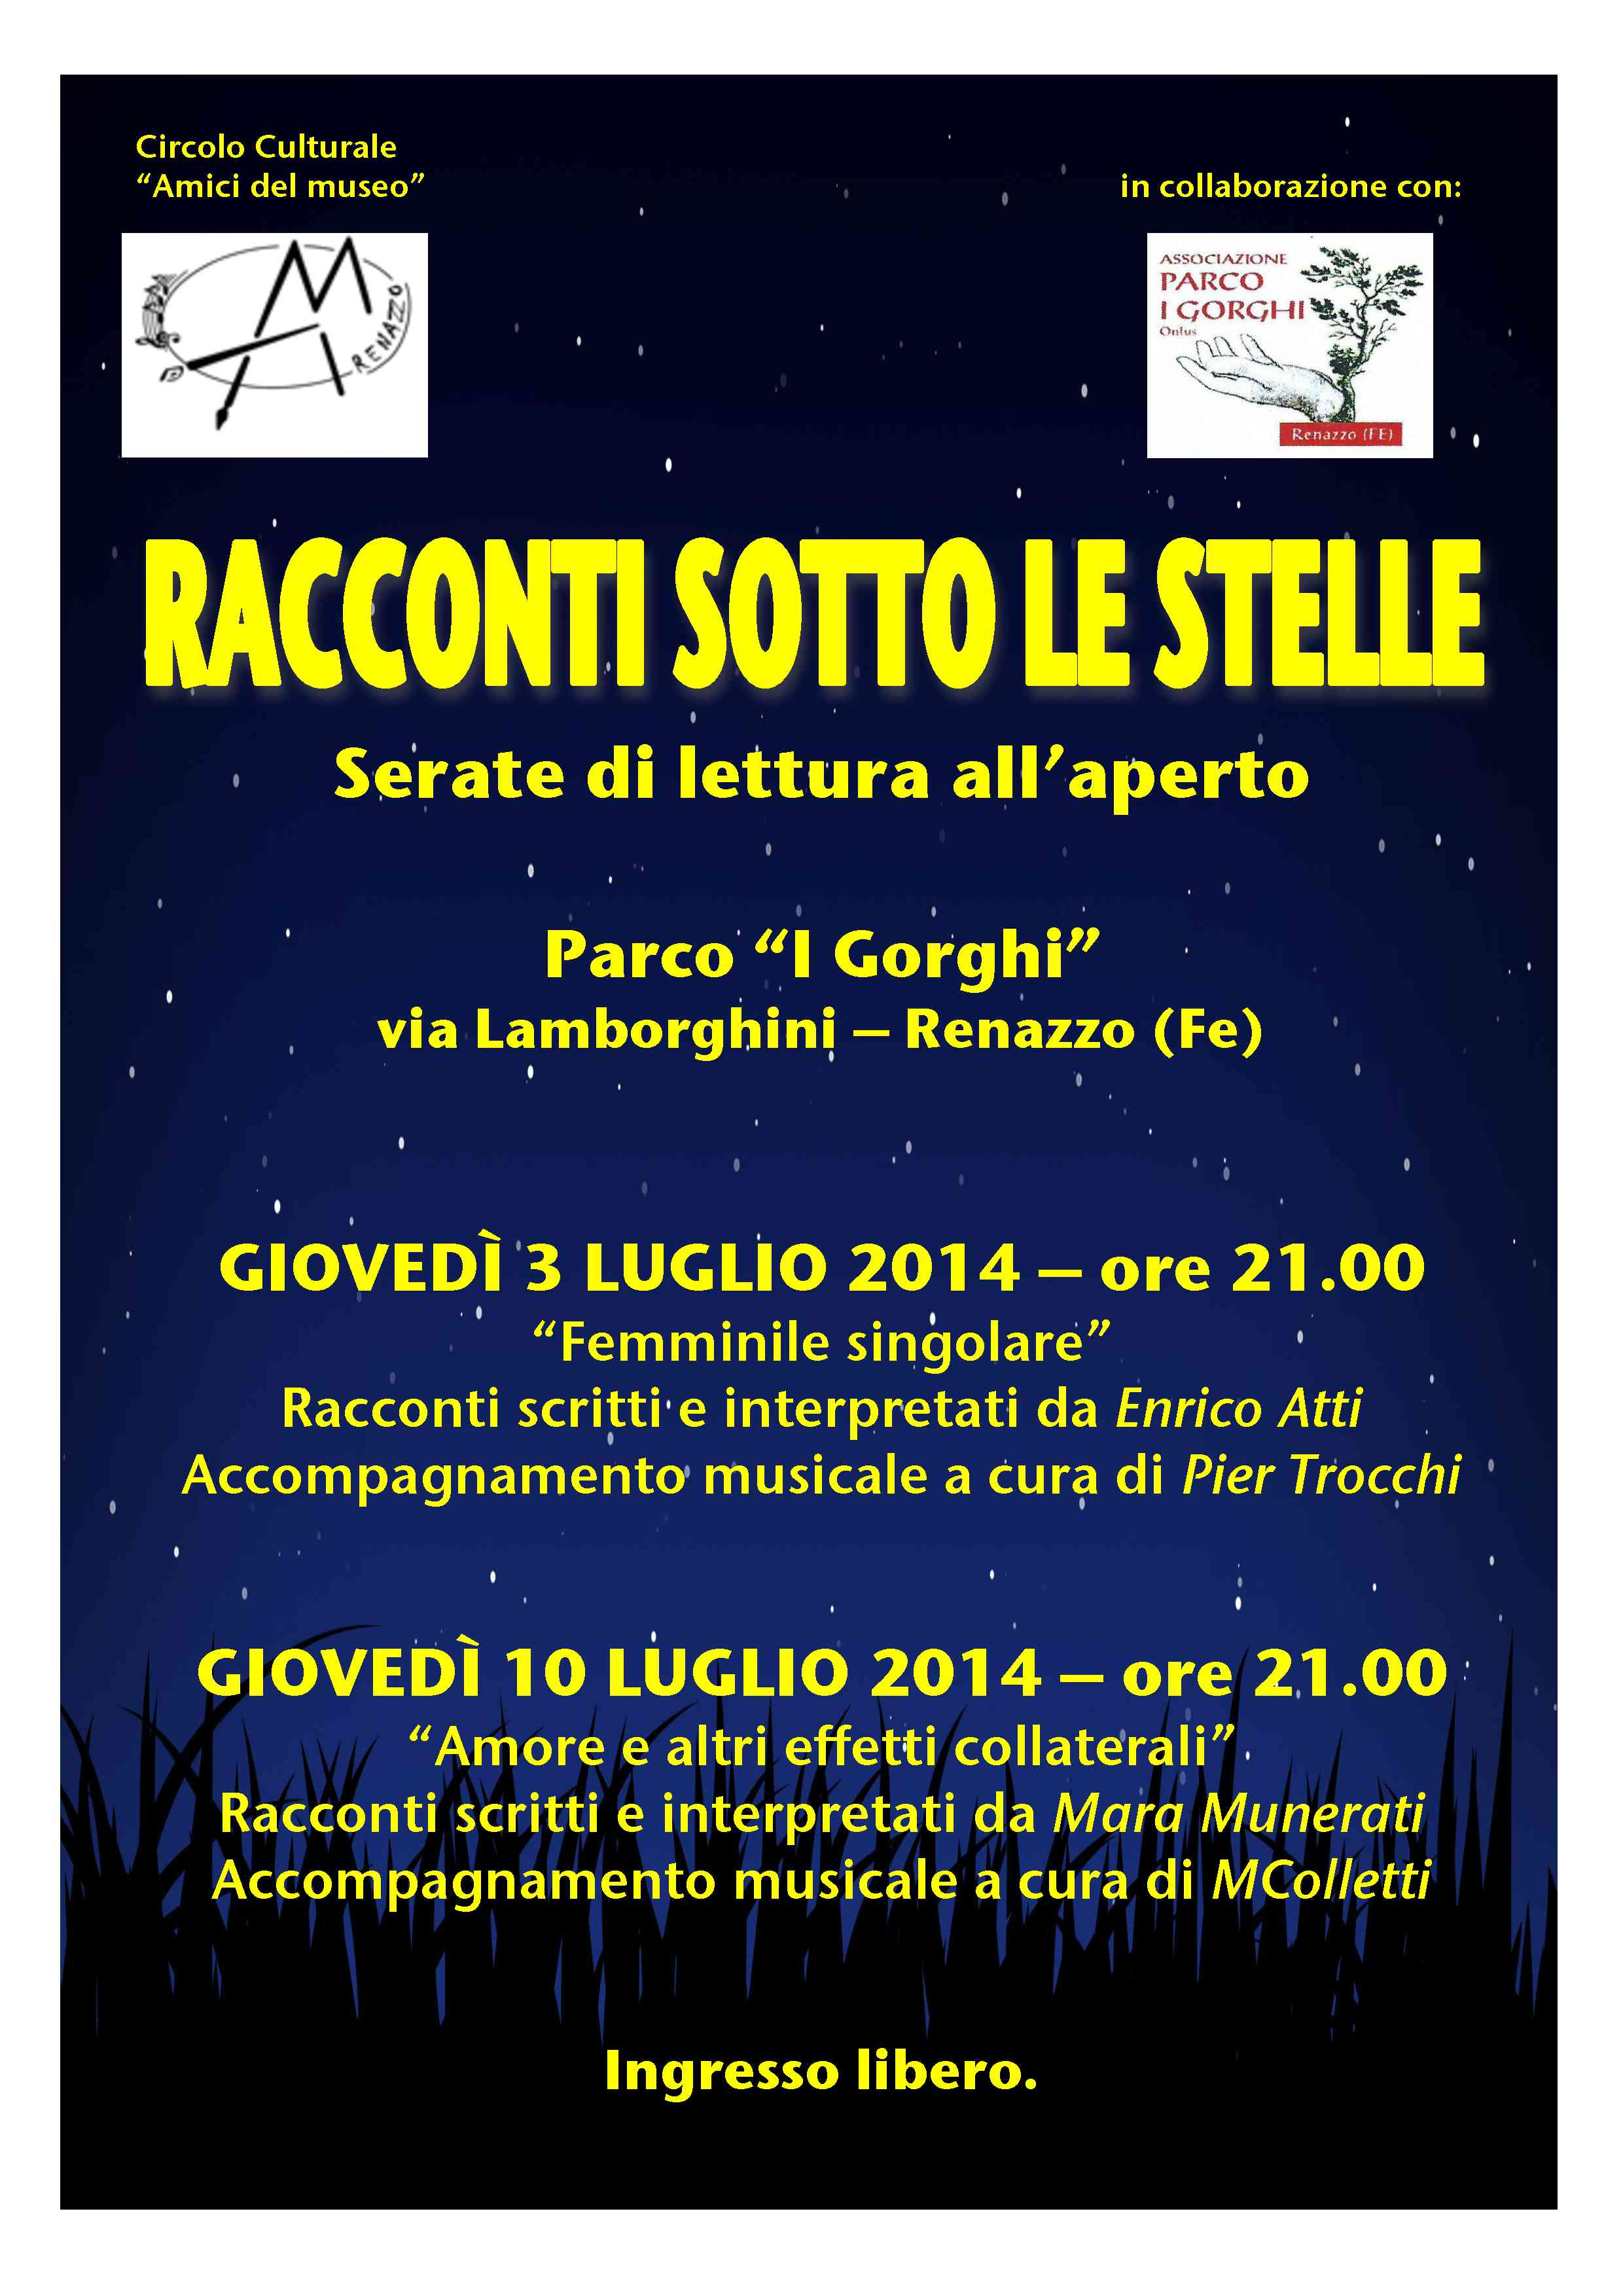 Racconti sotto le stelle : due serate al Parco dei Gorghi a Renazzo